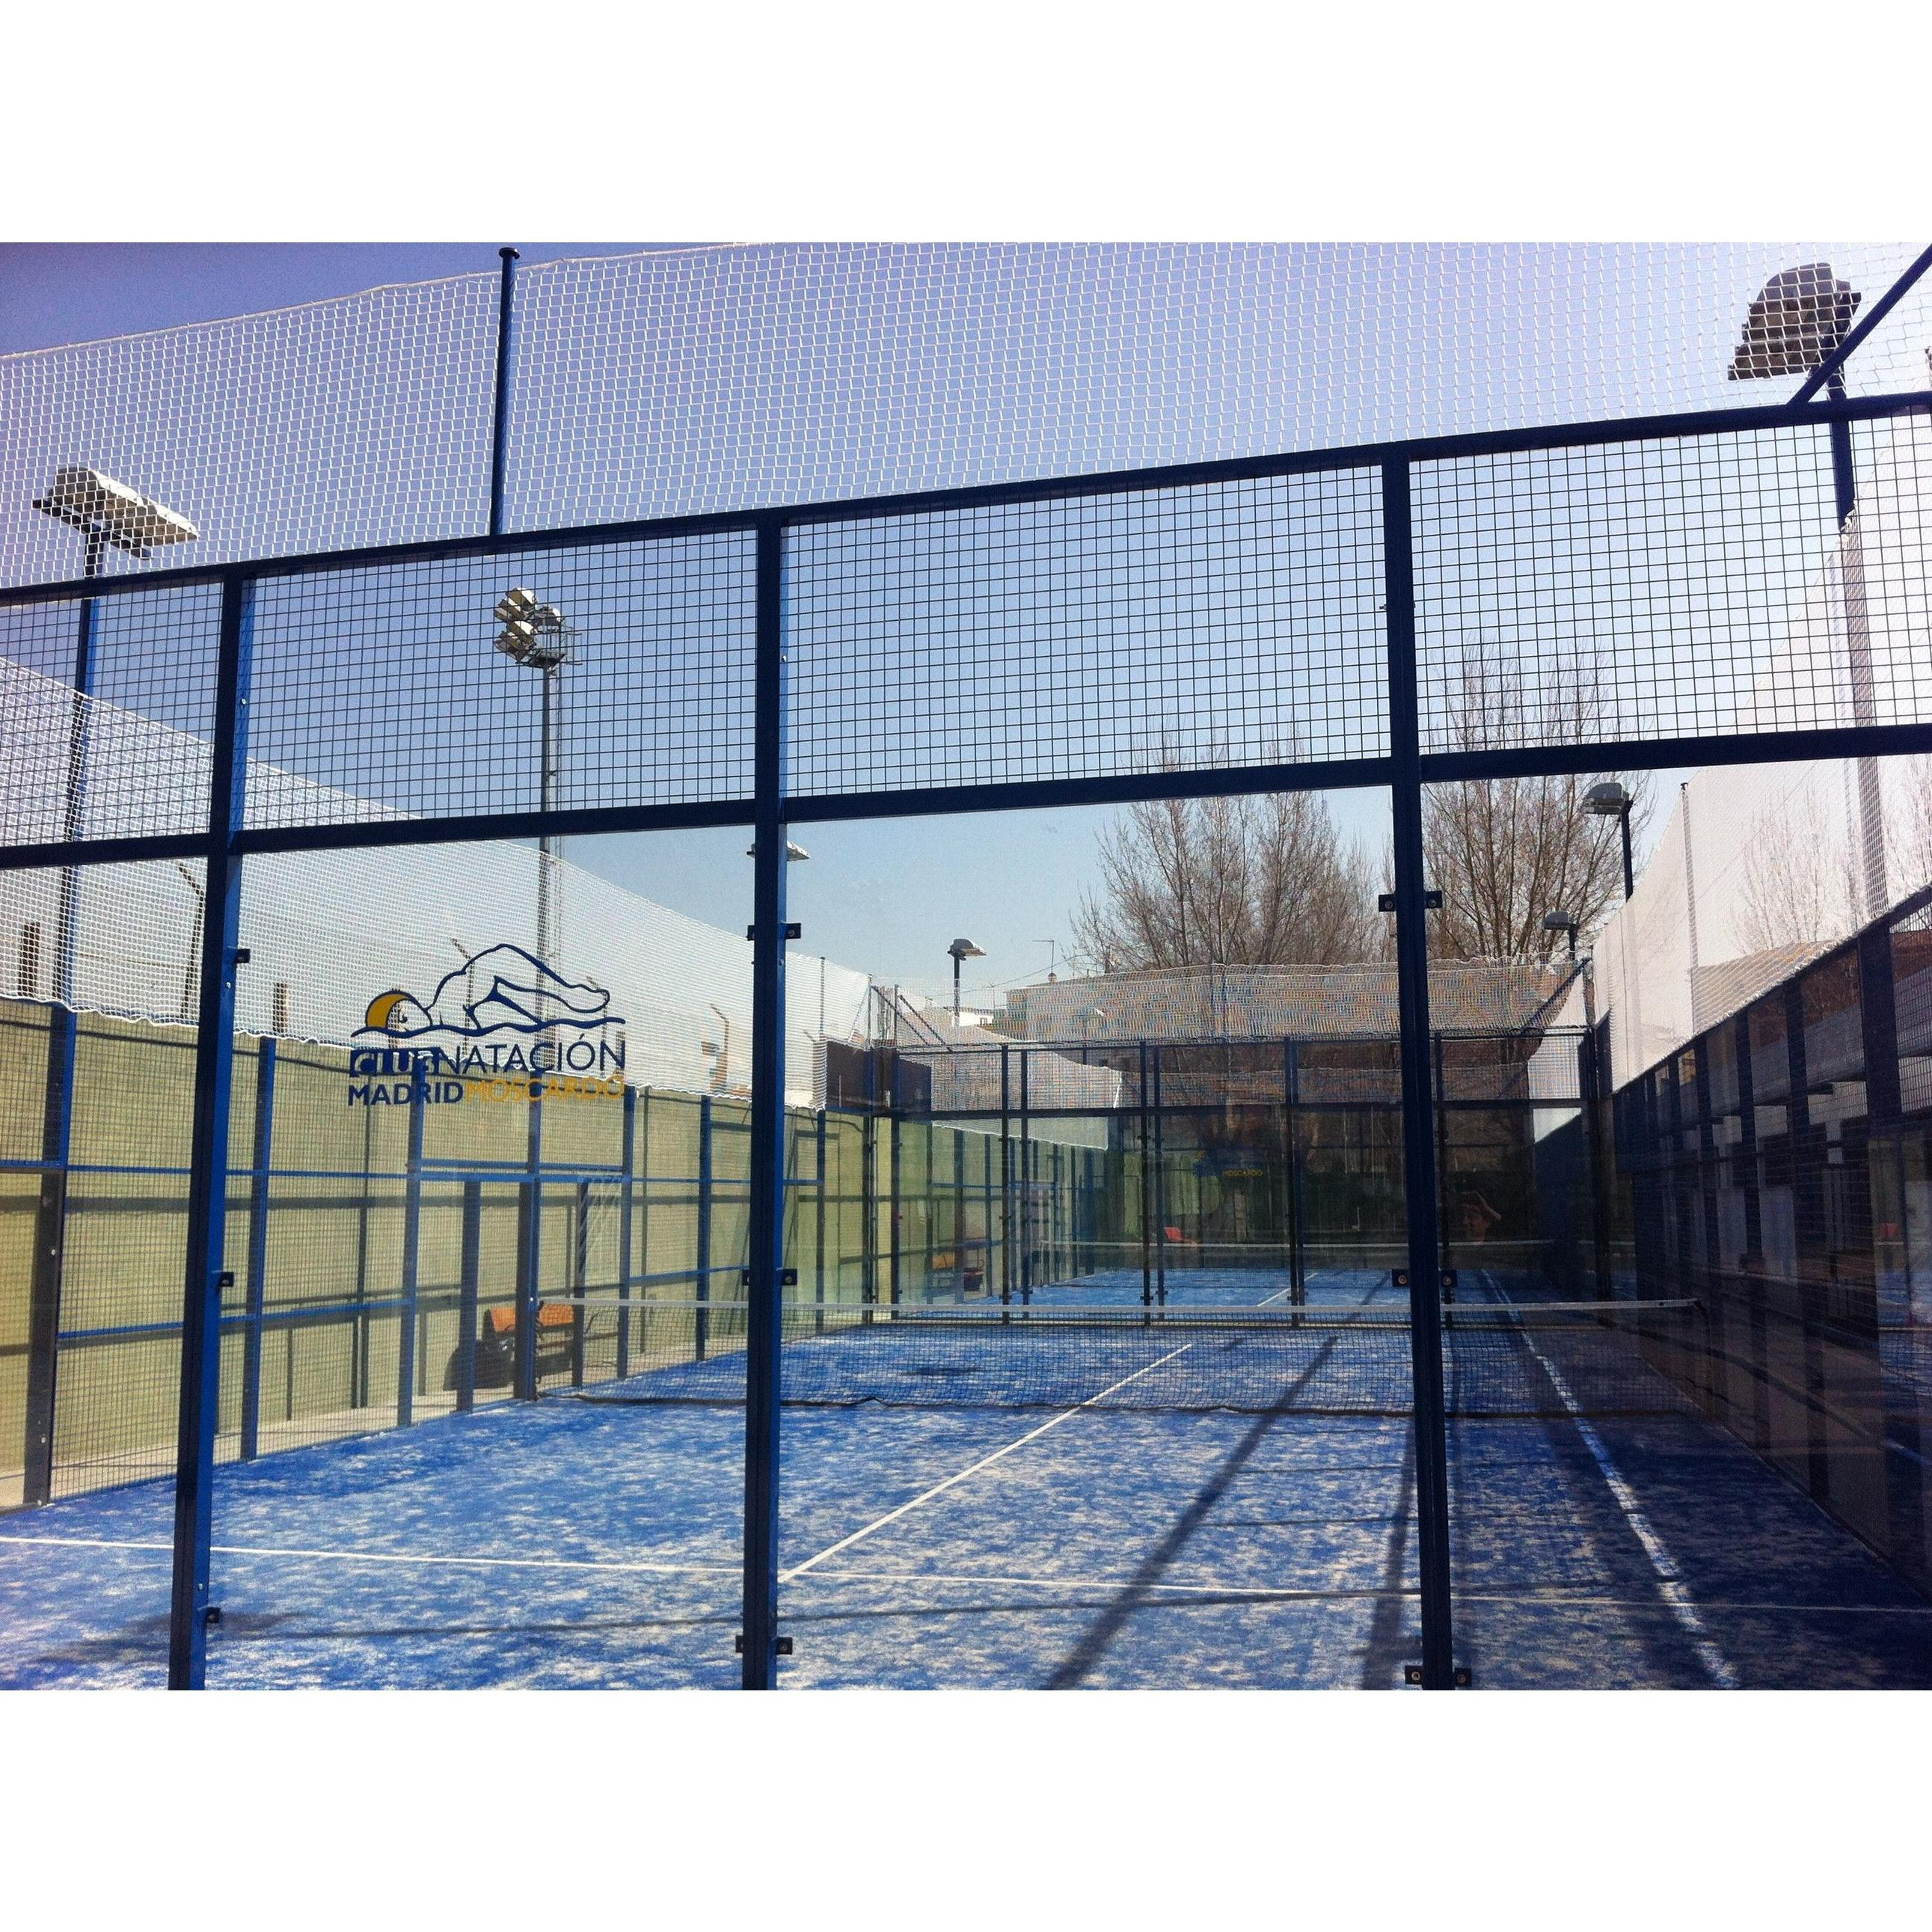 Instalaciones Deportivas : Actividades de Club Natación Madrid Moscardó